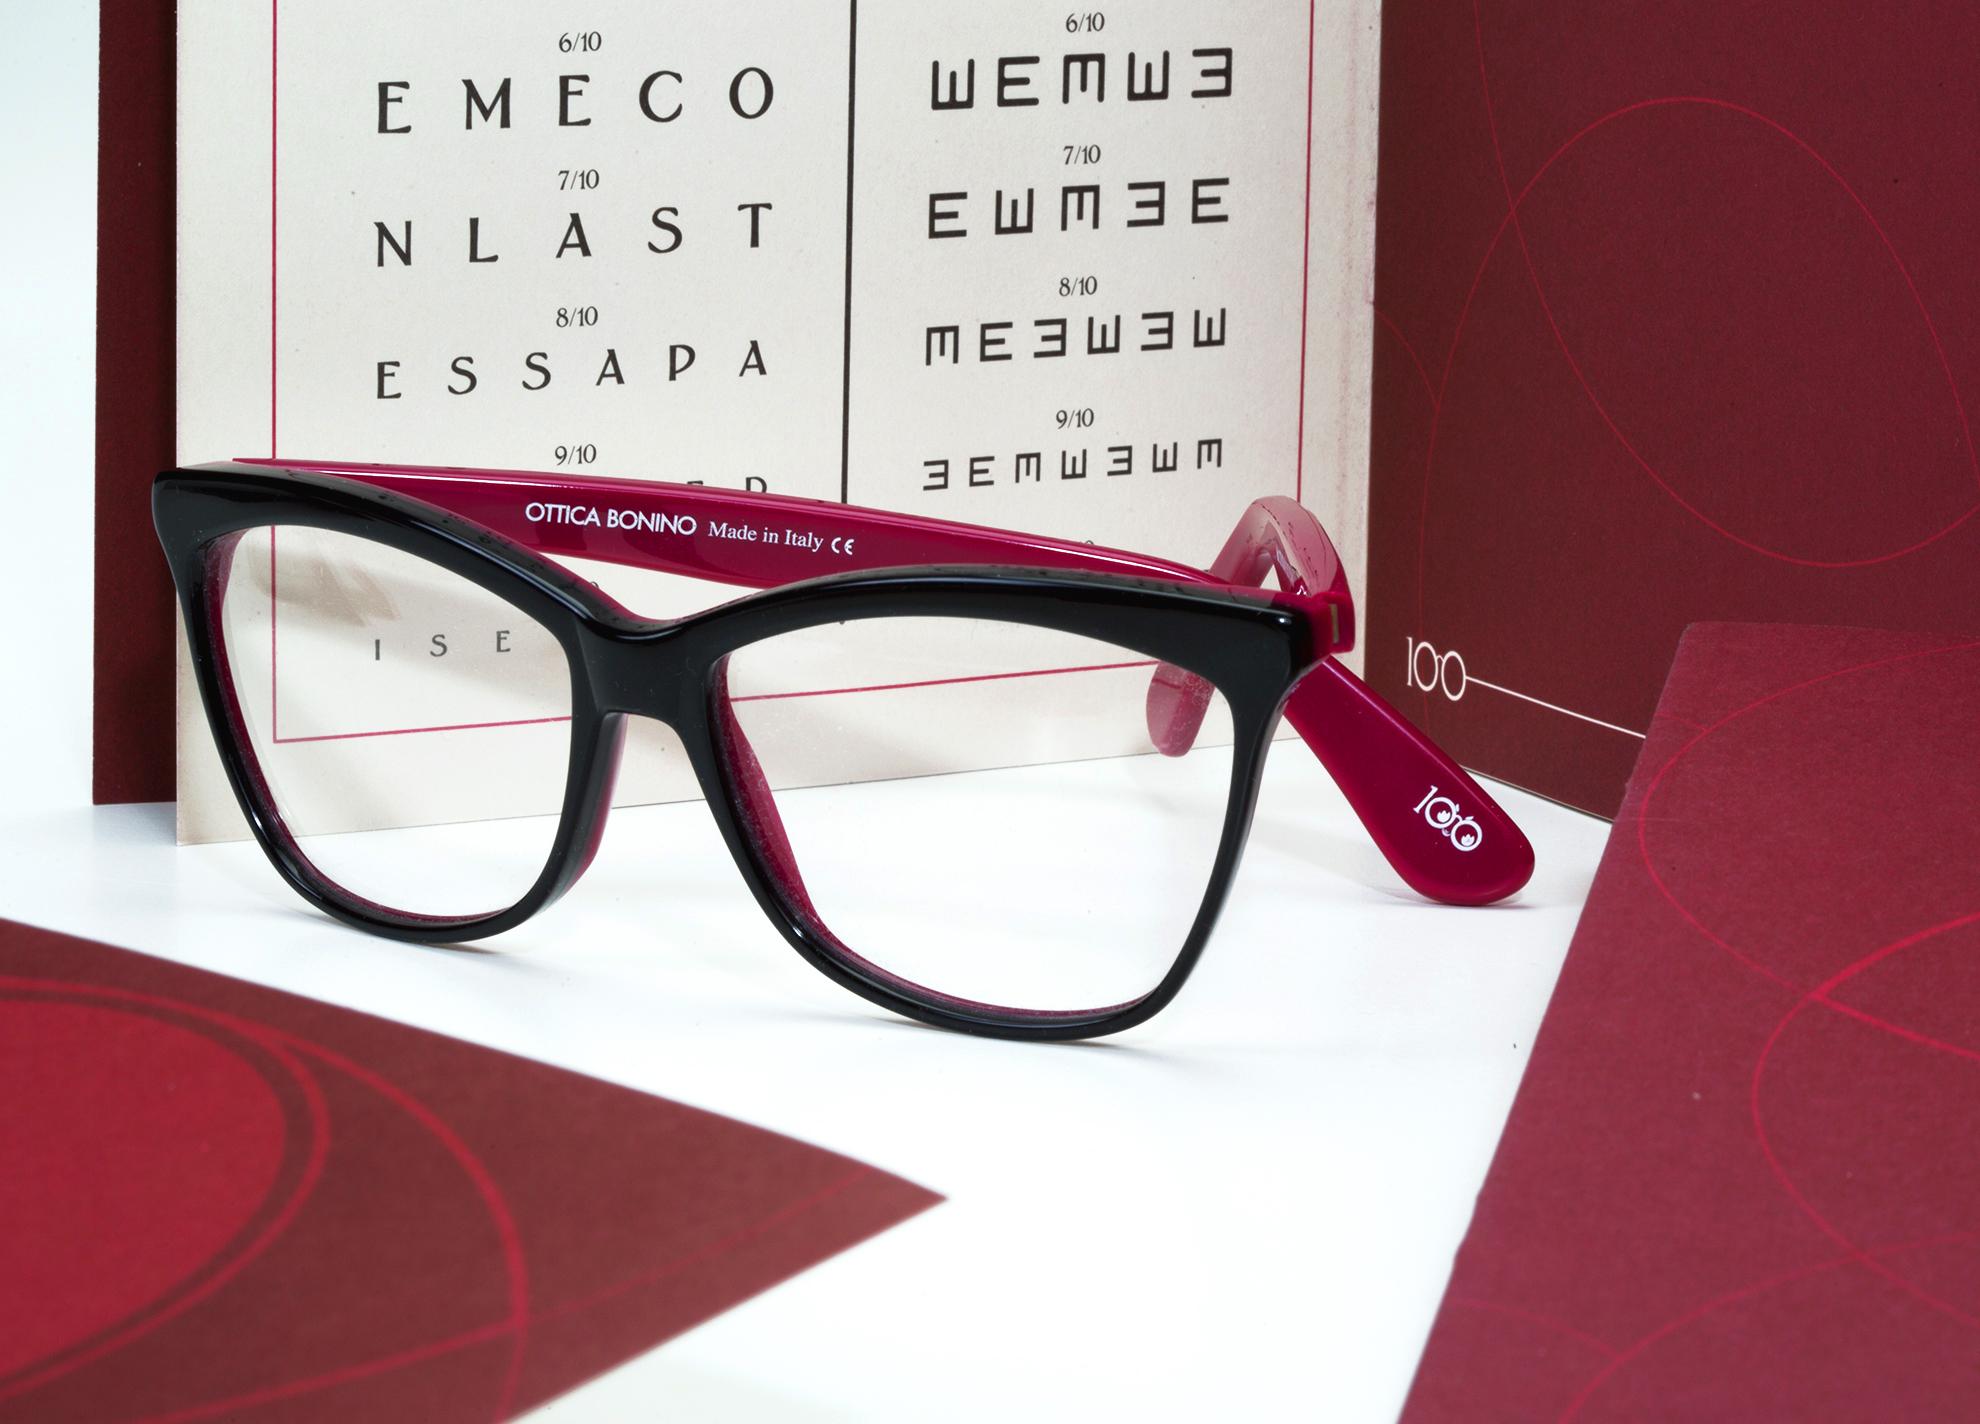 Verso il Centerario Ottica Bonino Dettaglio occhiali - Eleonora Casetta